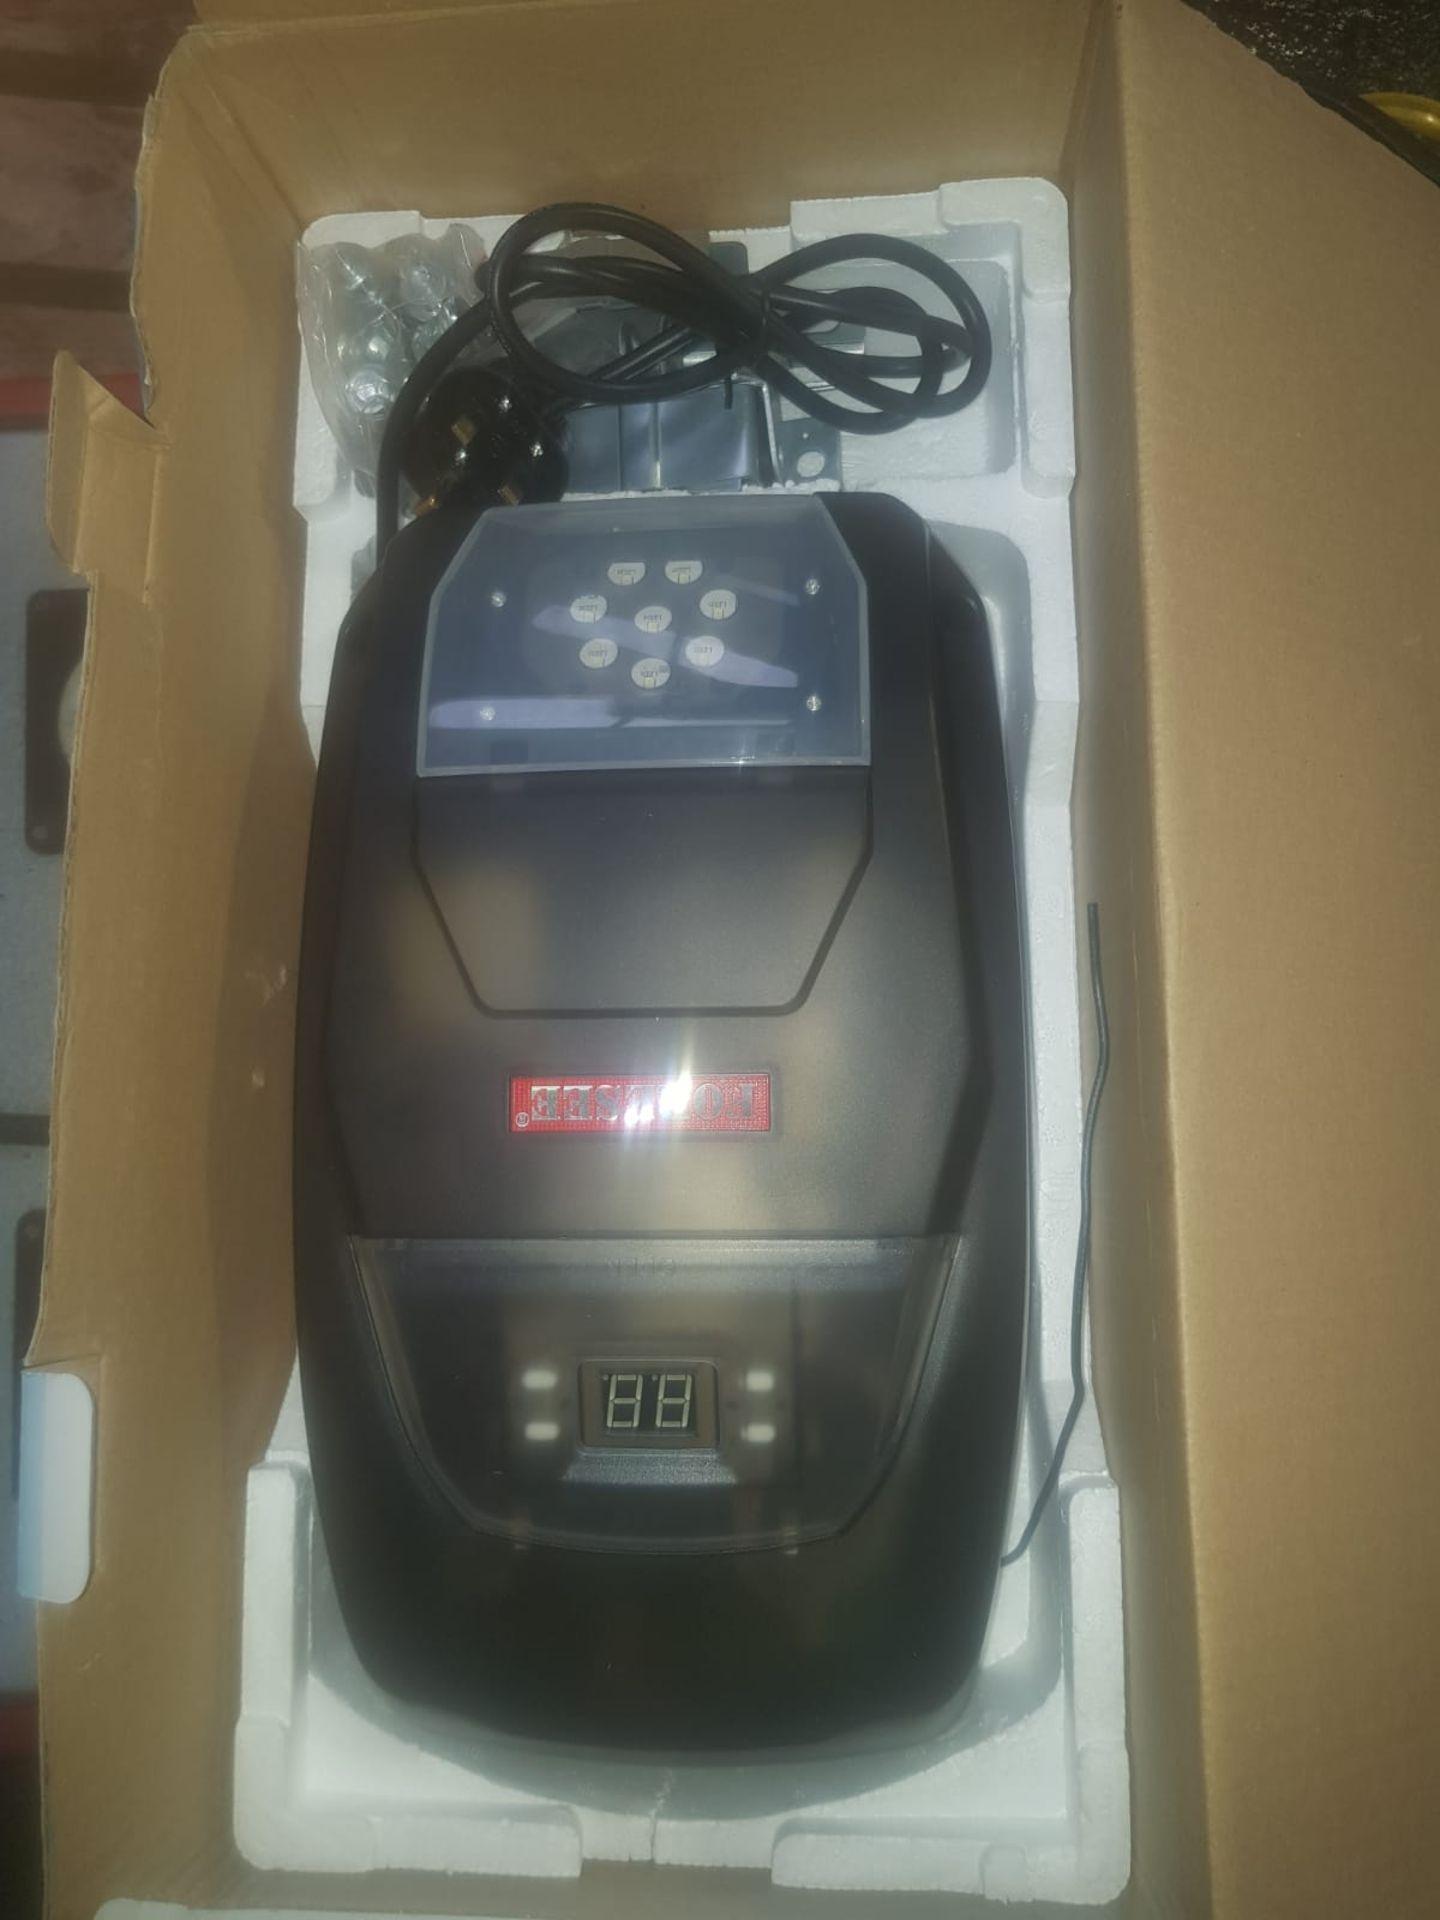 Lot 11 - NEW IN BOX ELECTRIC GARAGE DOOR